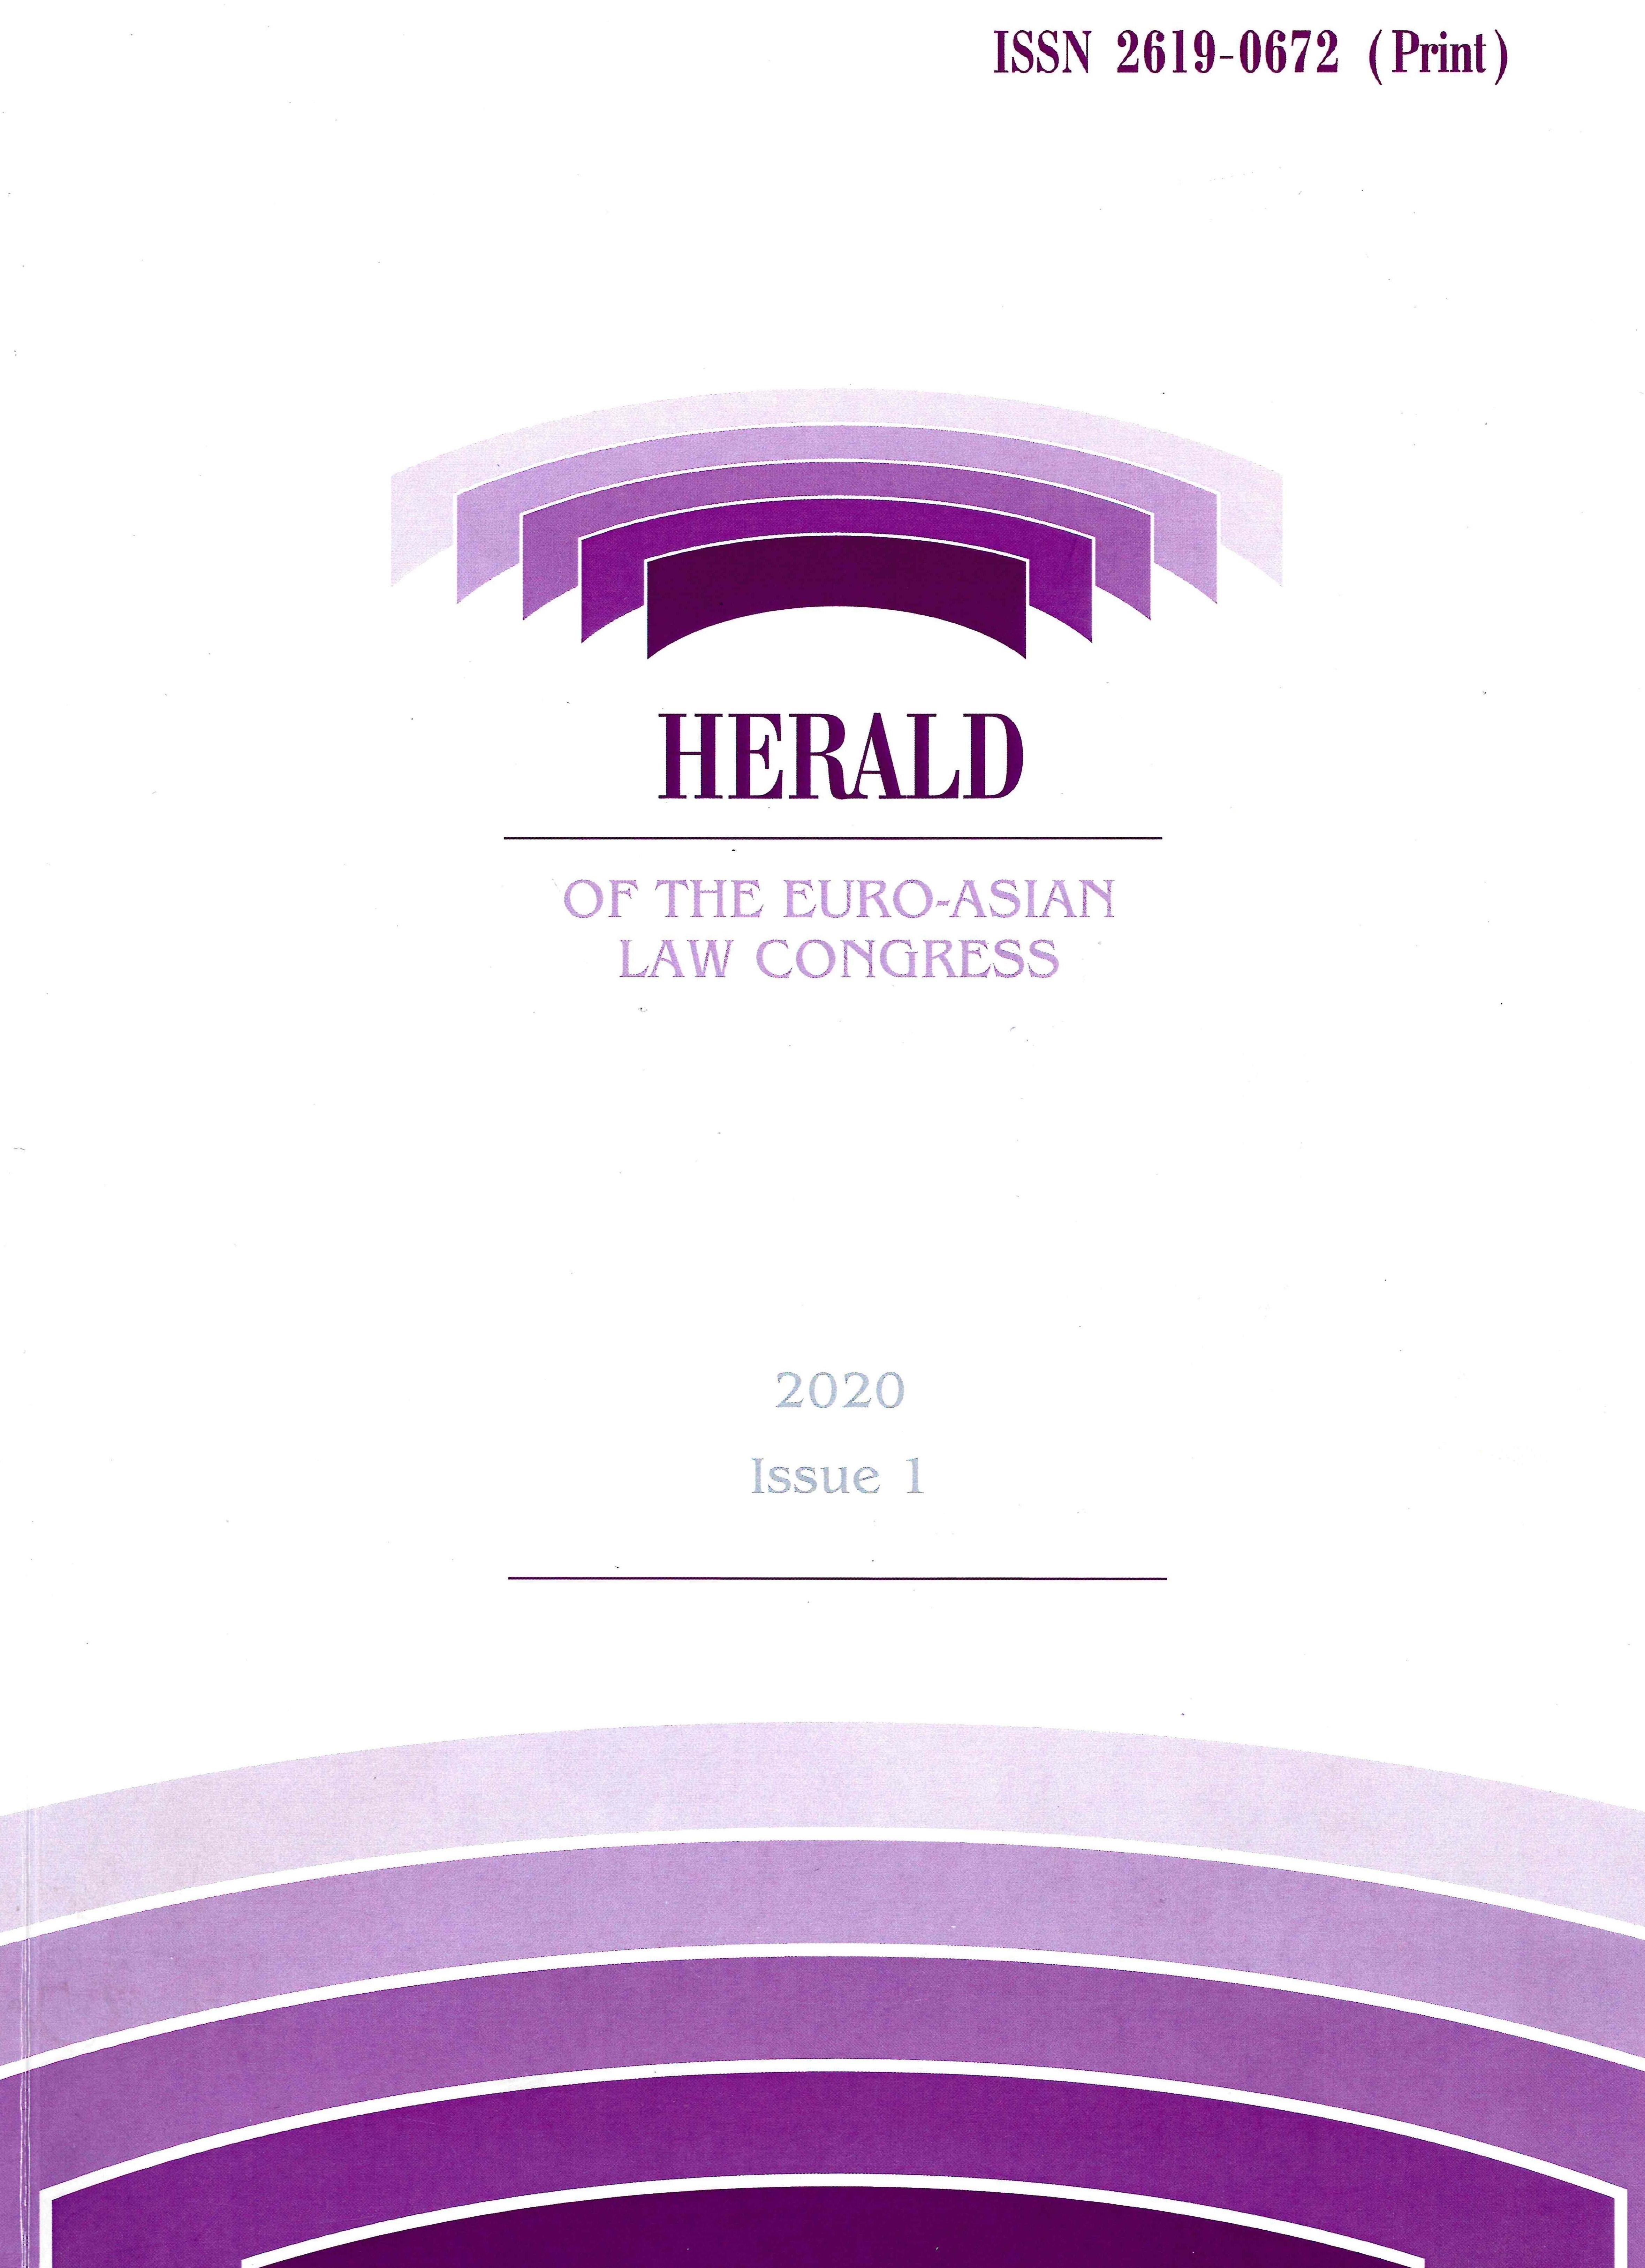 Показать Том 3 № 1 (2020): Herald of the Euro-Asian Law Congress